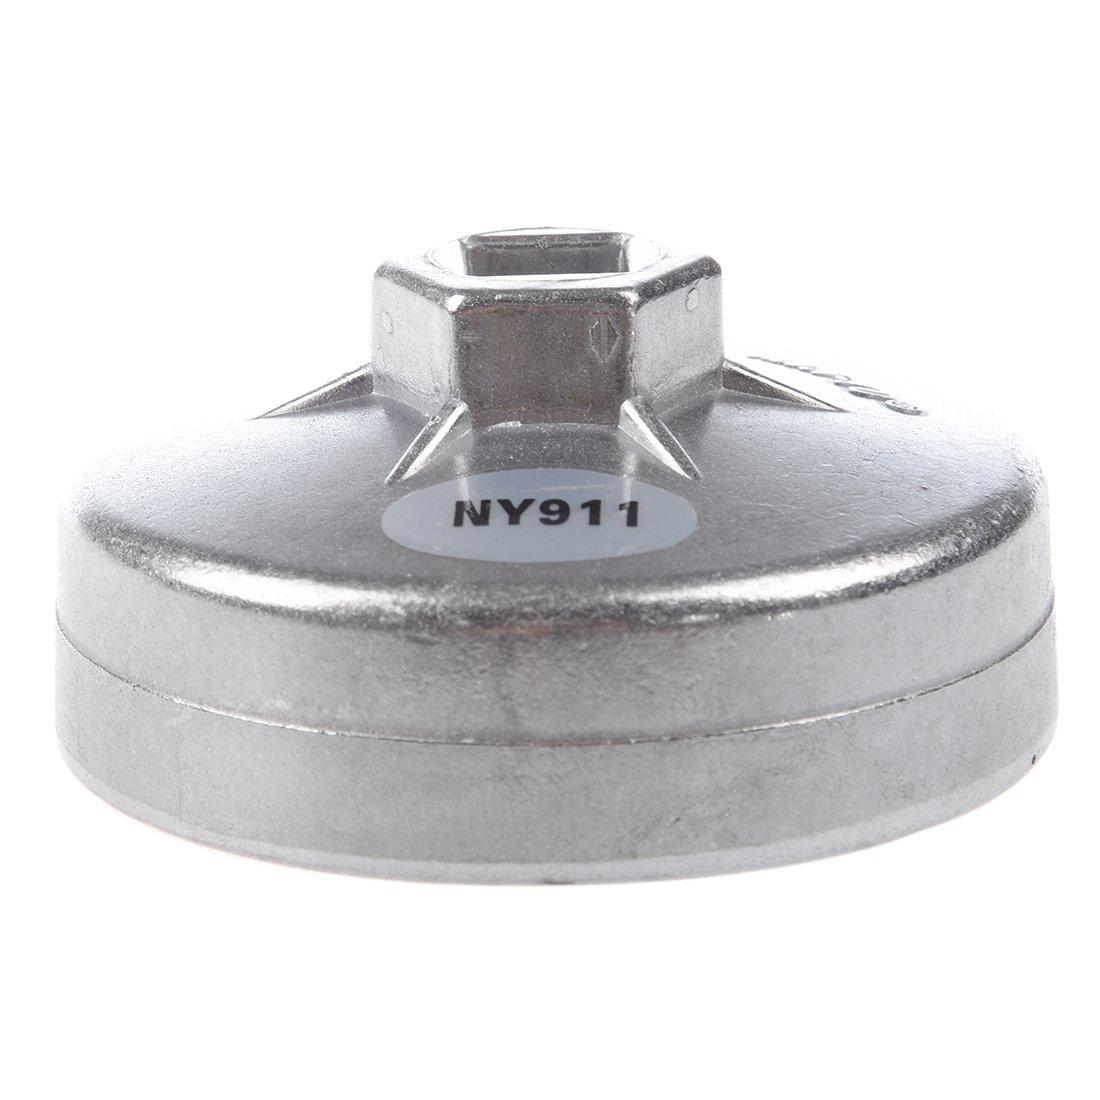 REFURBISHHOUSE Entrambe le parti sporgono il diametro interno 76mm 12 Flutes olio Filtro a cartuccia Cap Chiavi Strumenti Socket Remover